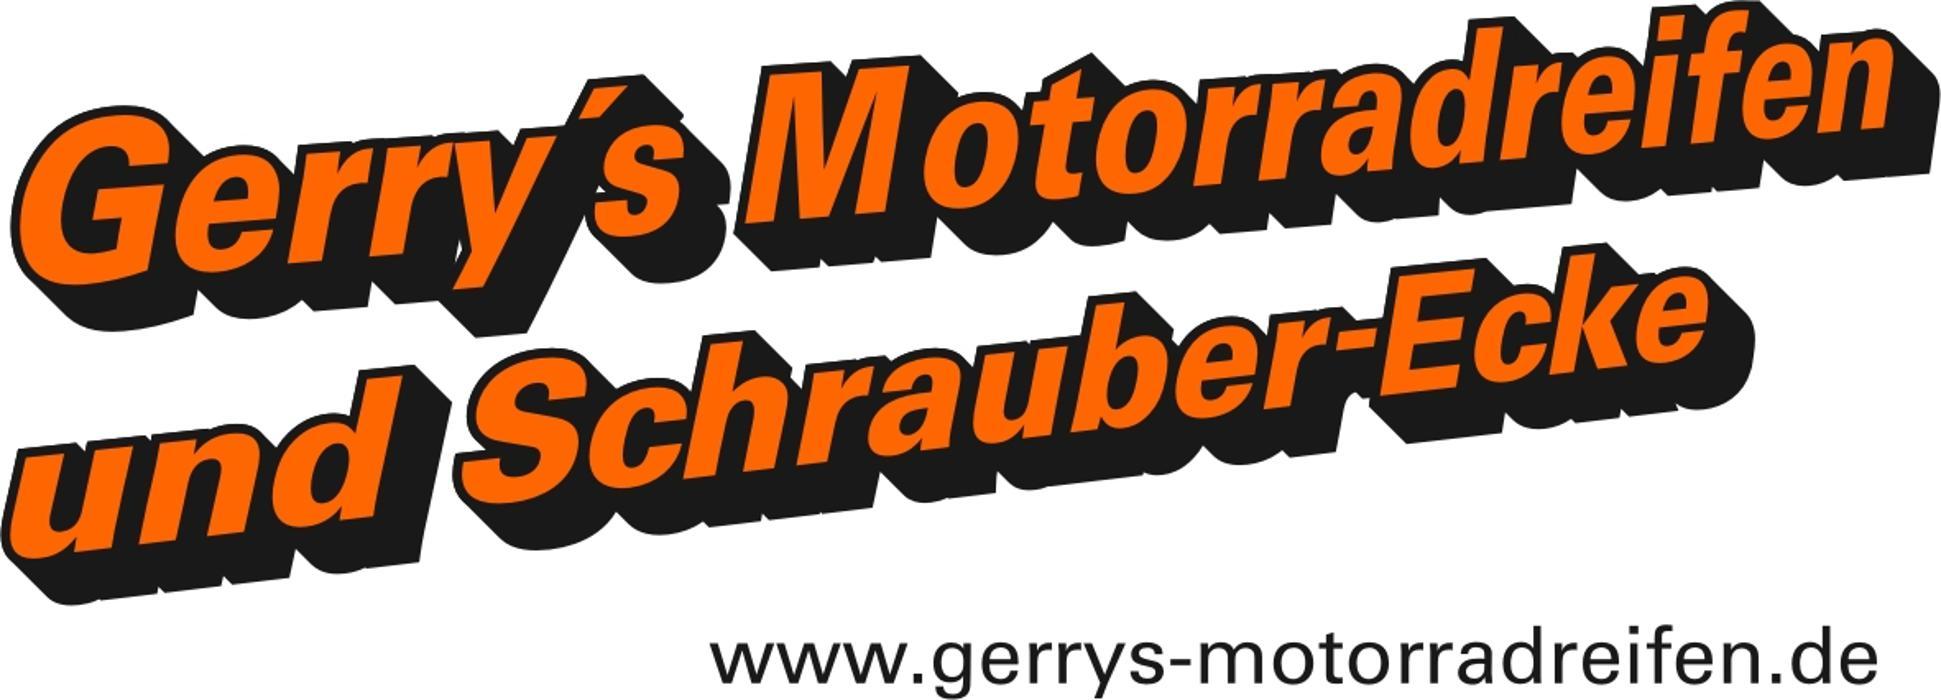 Bild zu Gerrys Motorradreifen und Schrauber-Ecke in Mainz